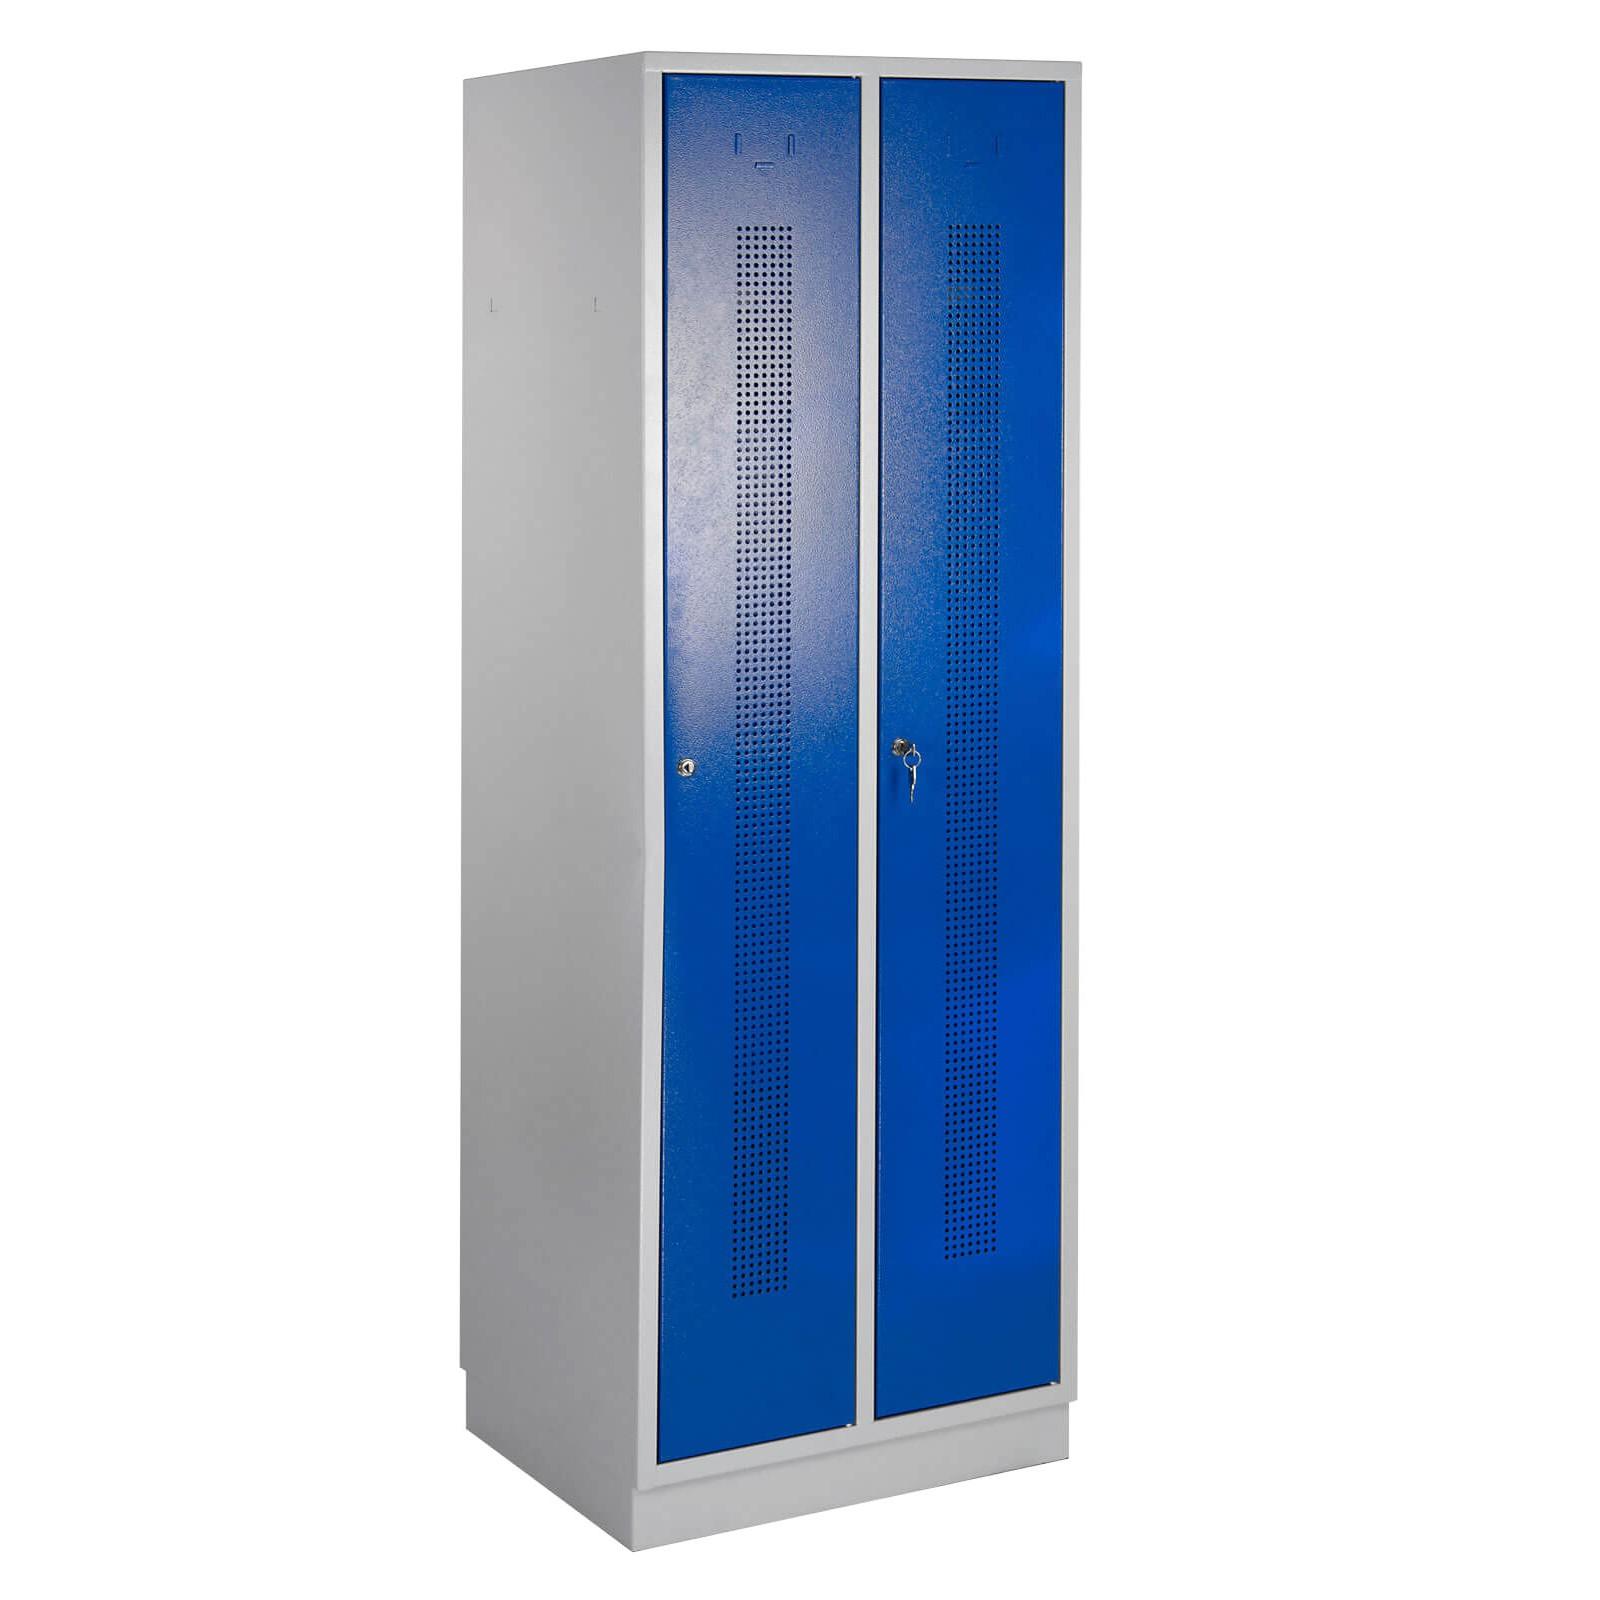 ADB Umkleideschrank / Spind Perfora 1775x600x500 mm blau